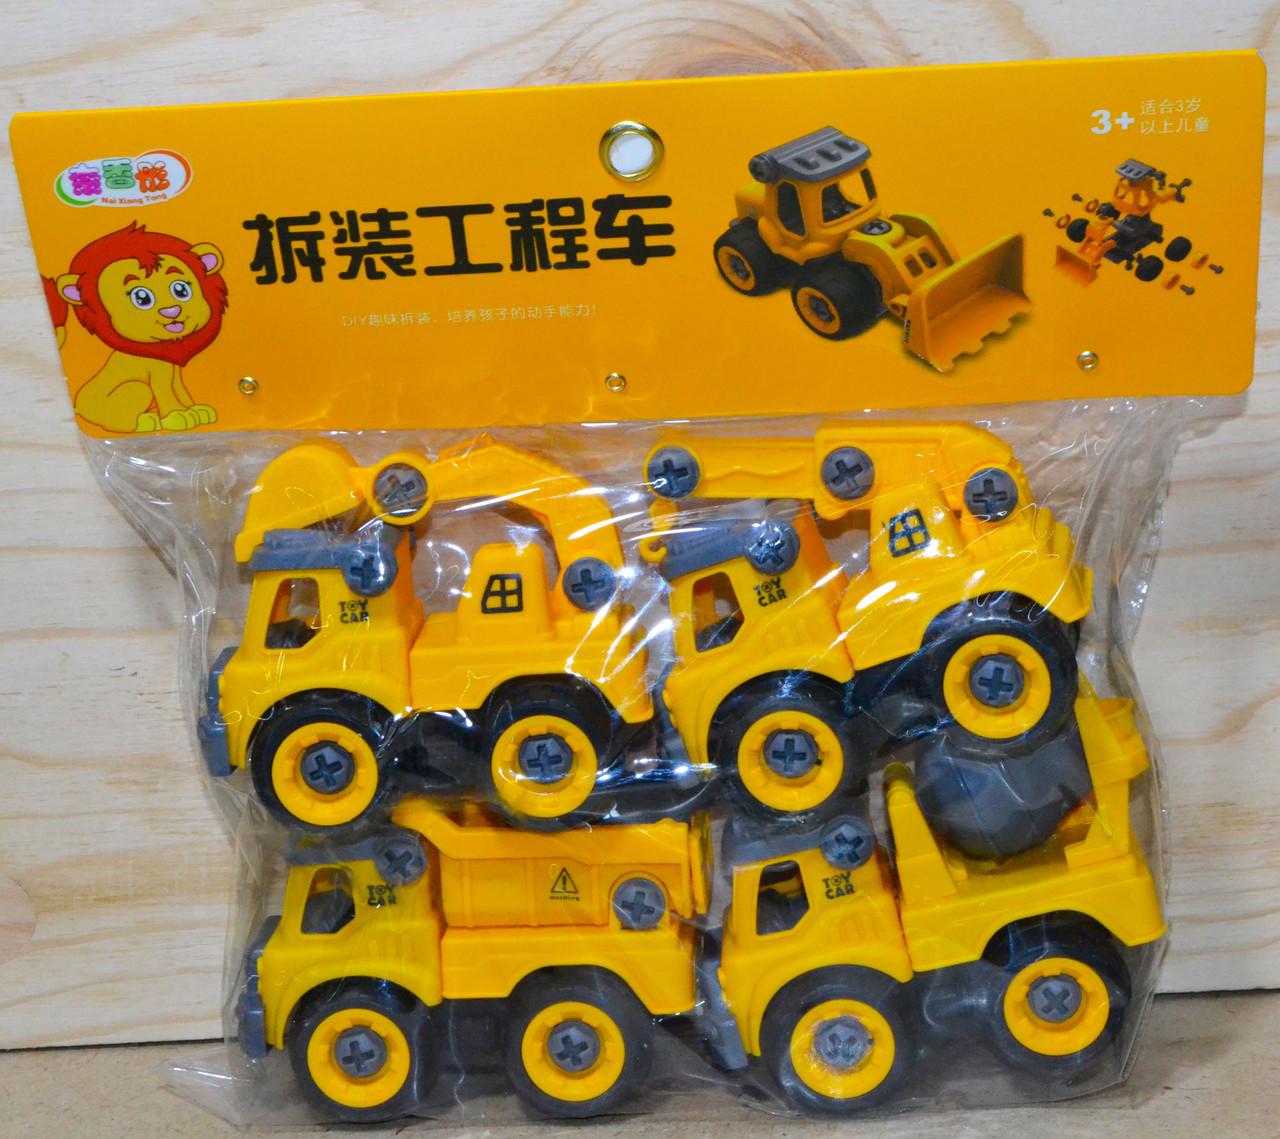 666-41 Строительная техника 4в1 в пакете желт,27*24см